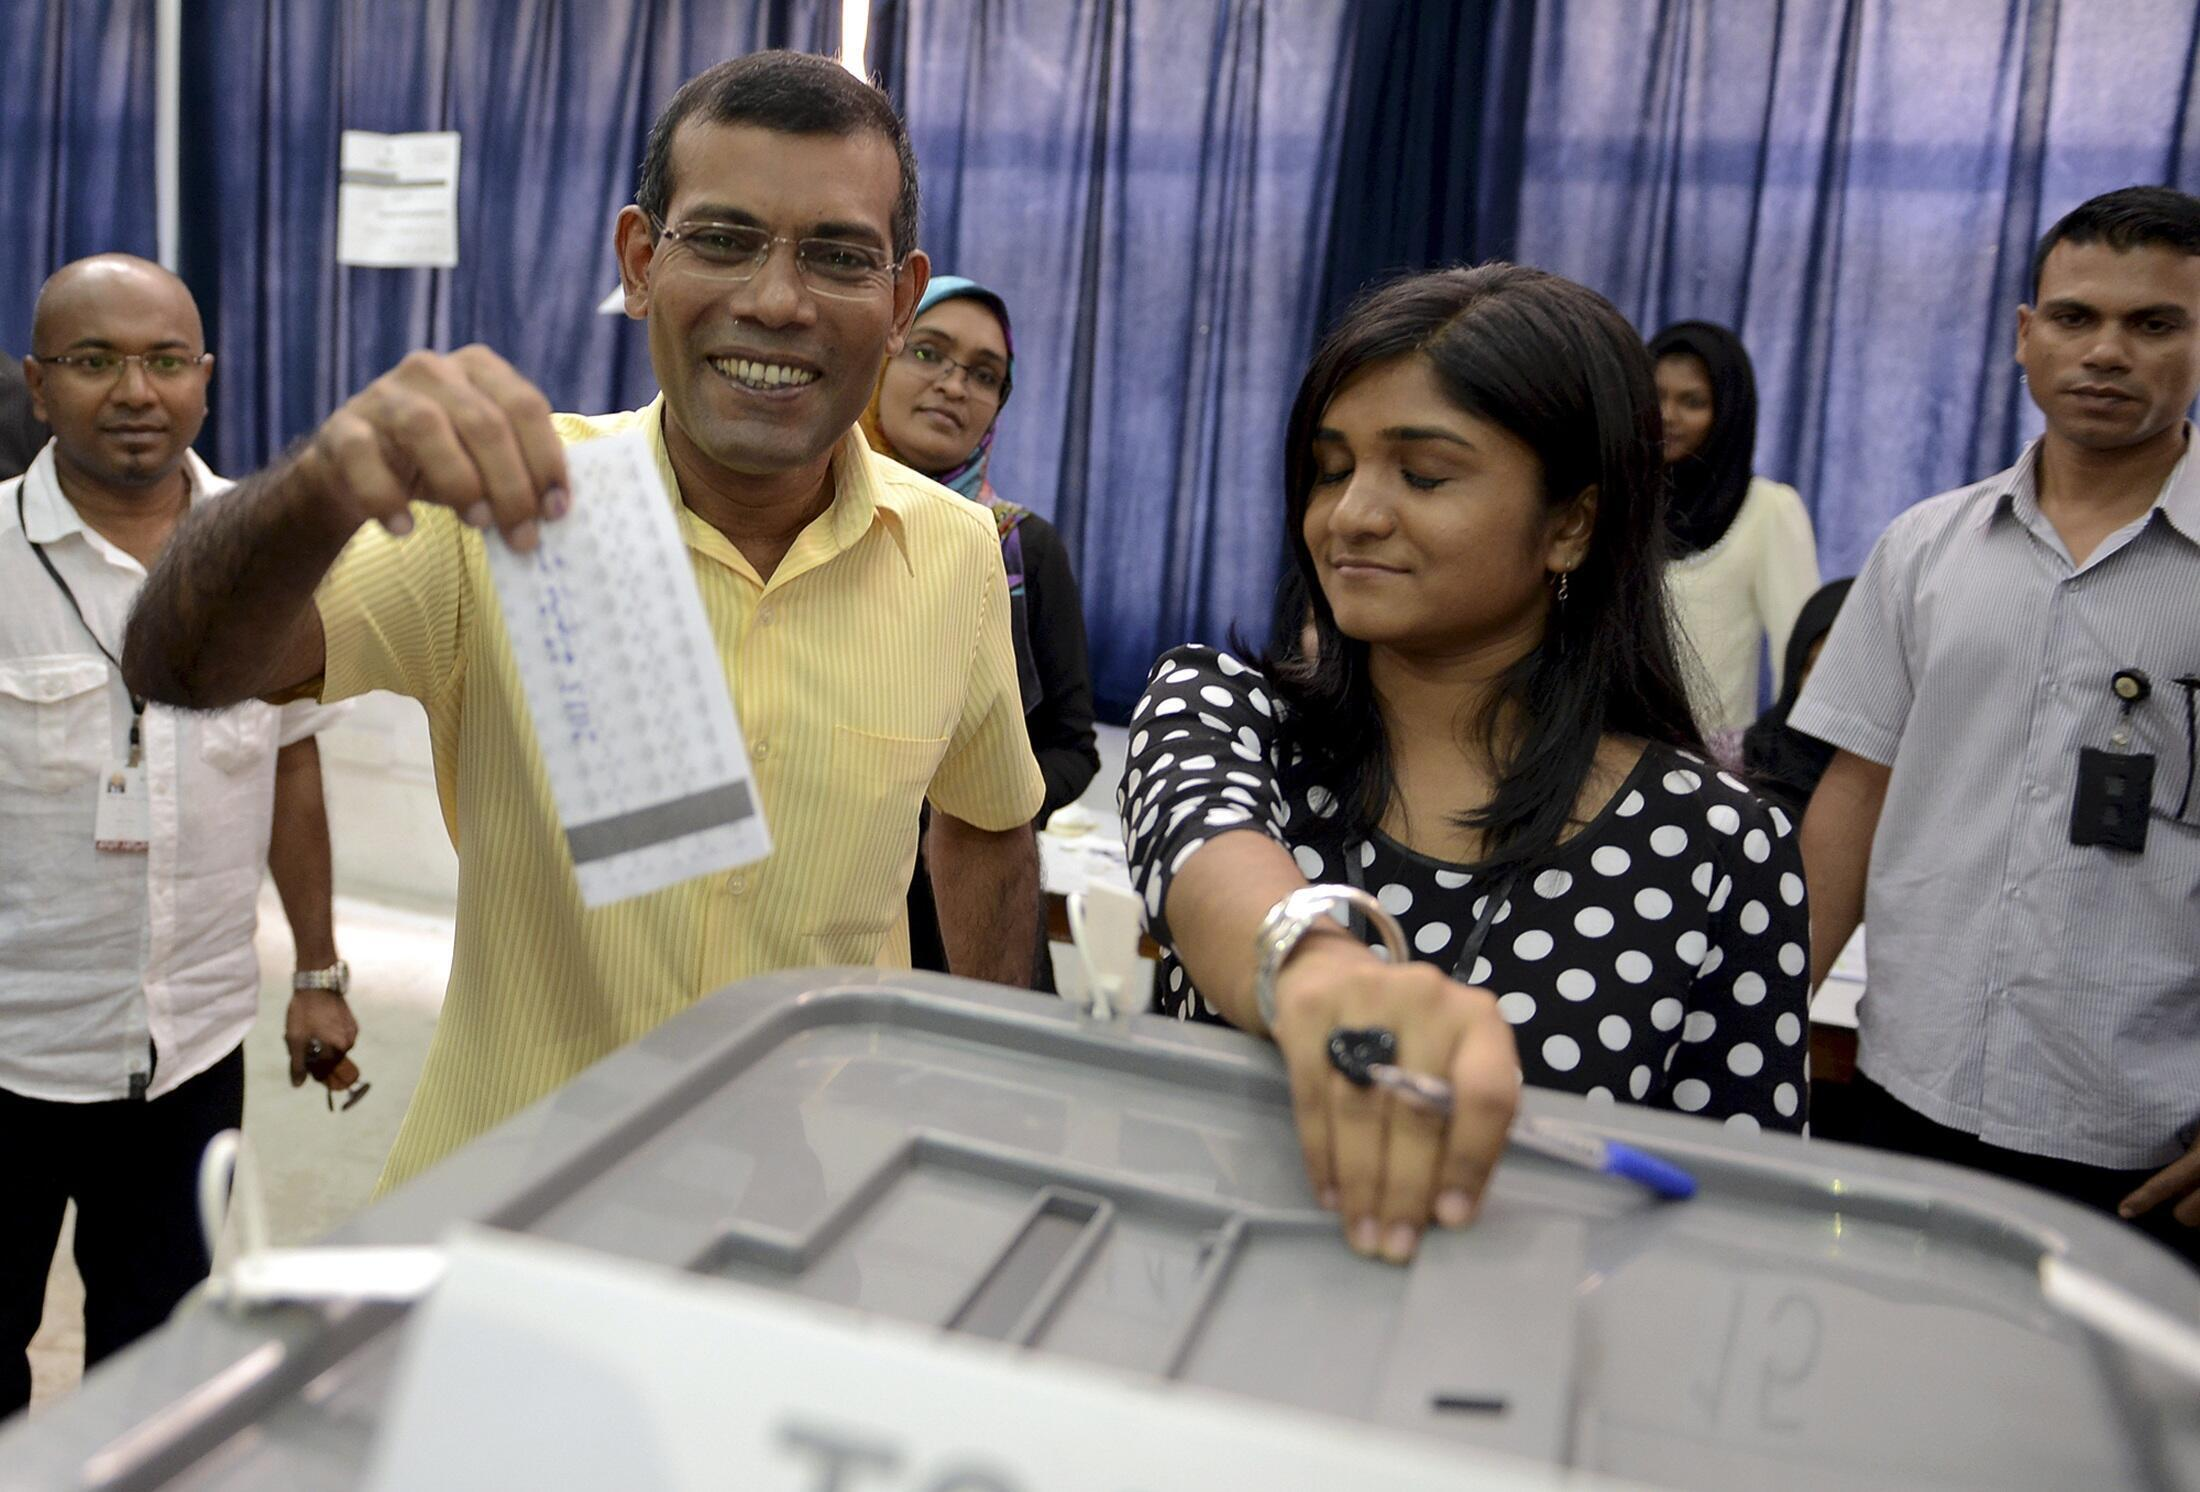 Mohamed Nasheed, candidat du Parti démocrate  et favori du scrutin présidentiel, lors du 1er tour de scrutin le 9 novembre 2013.